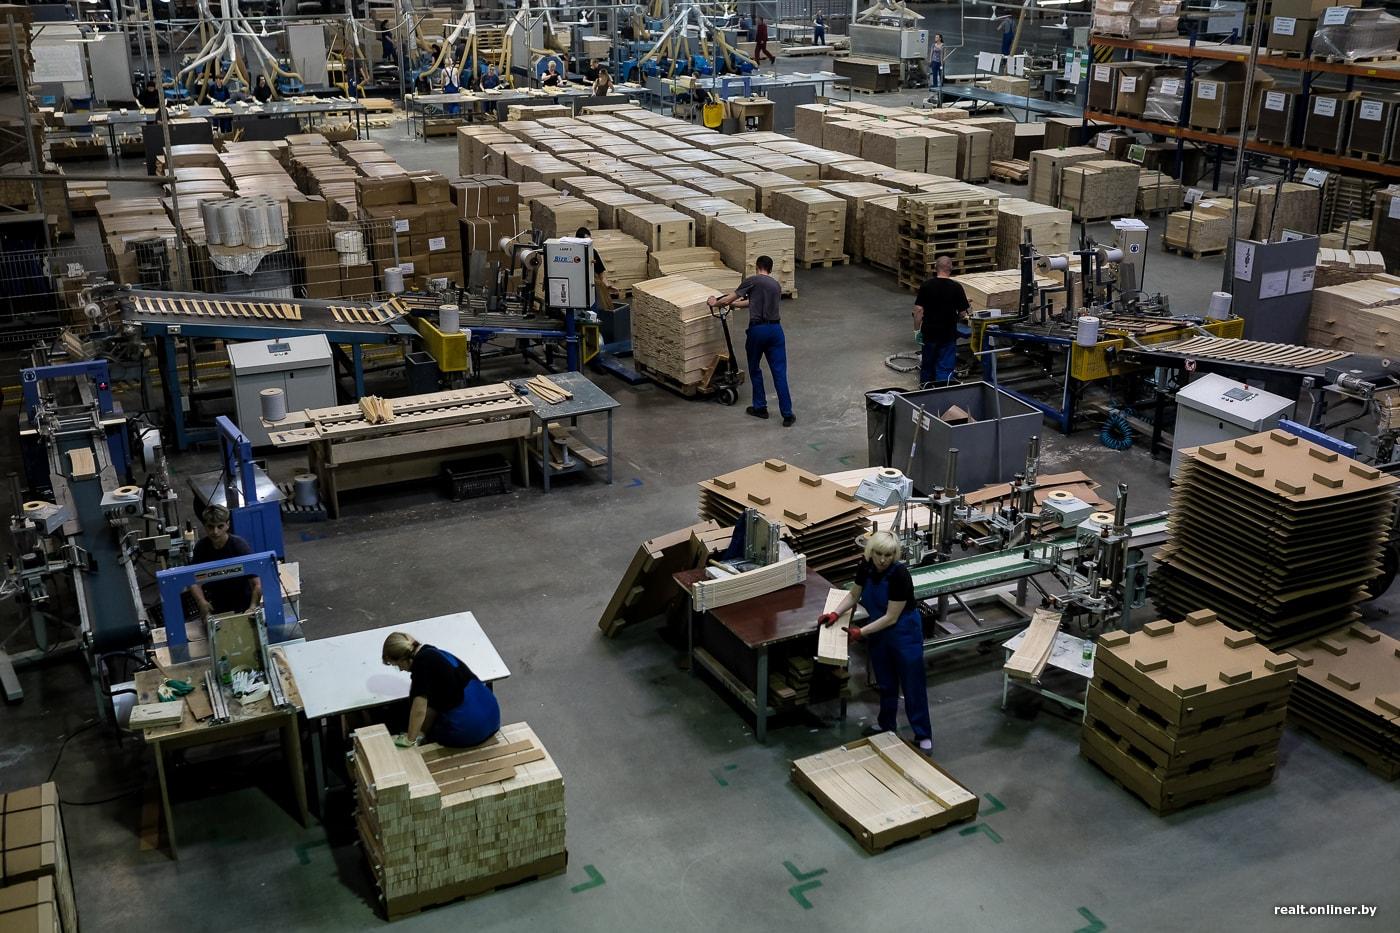 репортаж как в беларуси делают мебель Ikea